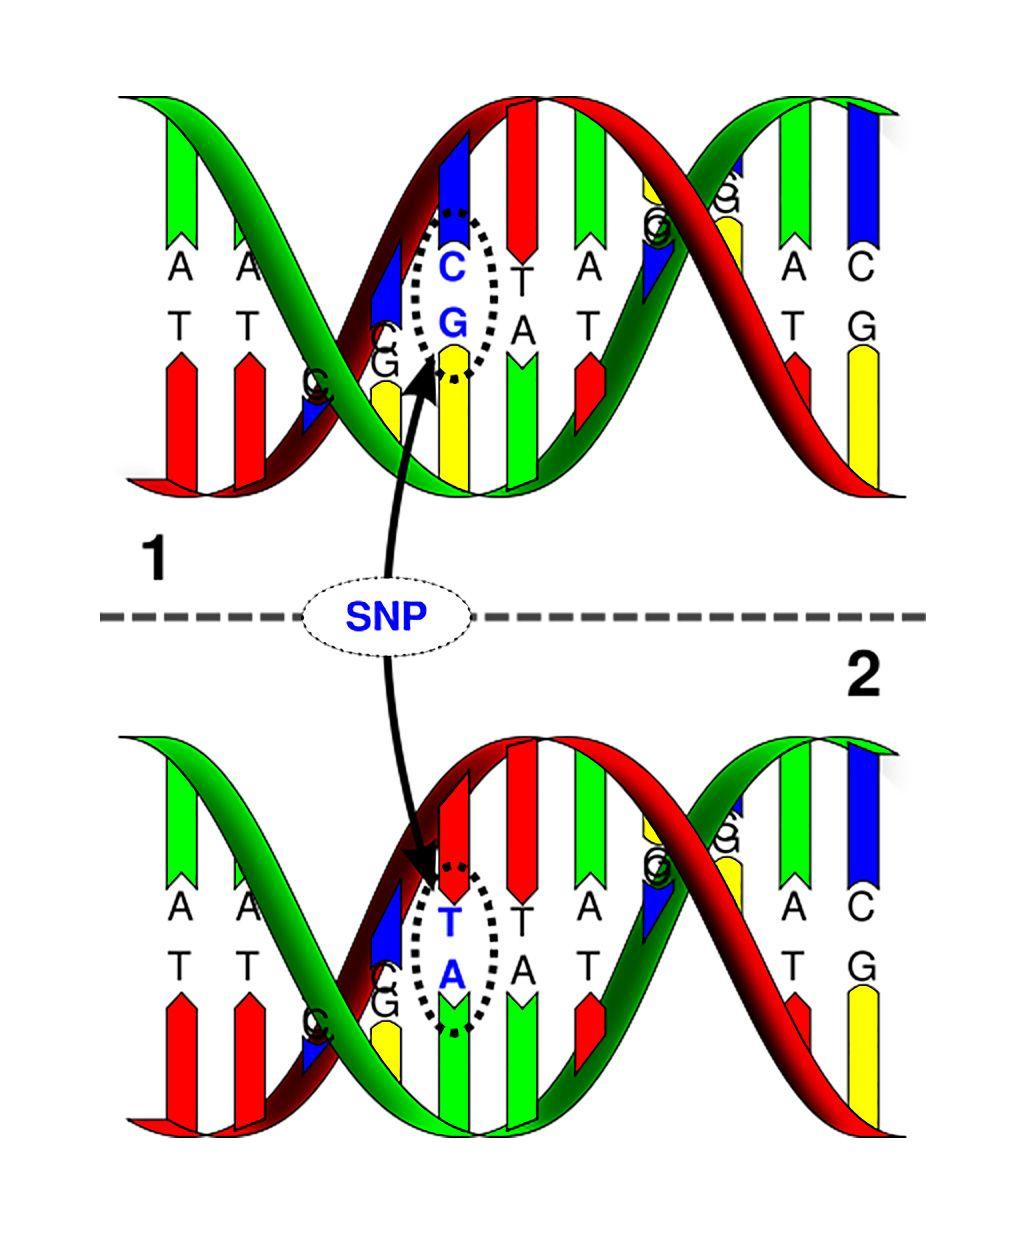 Imagen: Polimorfismo de nucleótido único: la molécula de ADN superior difiere de la molécula de ADN inferior en la ubicación de un solo par de bases (Fotografía cortesía de la Universidad Marshall).